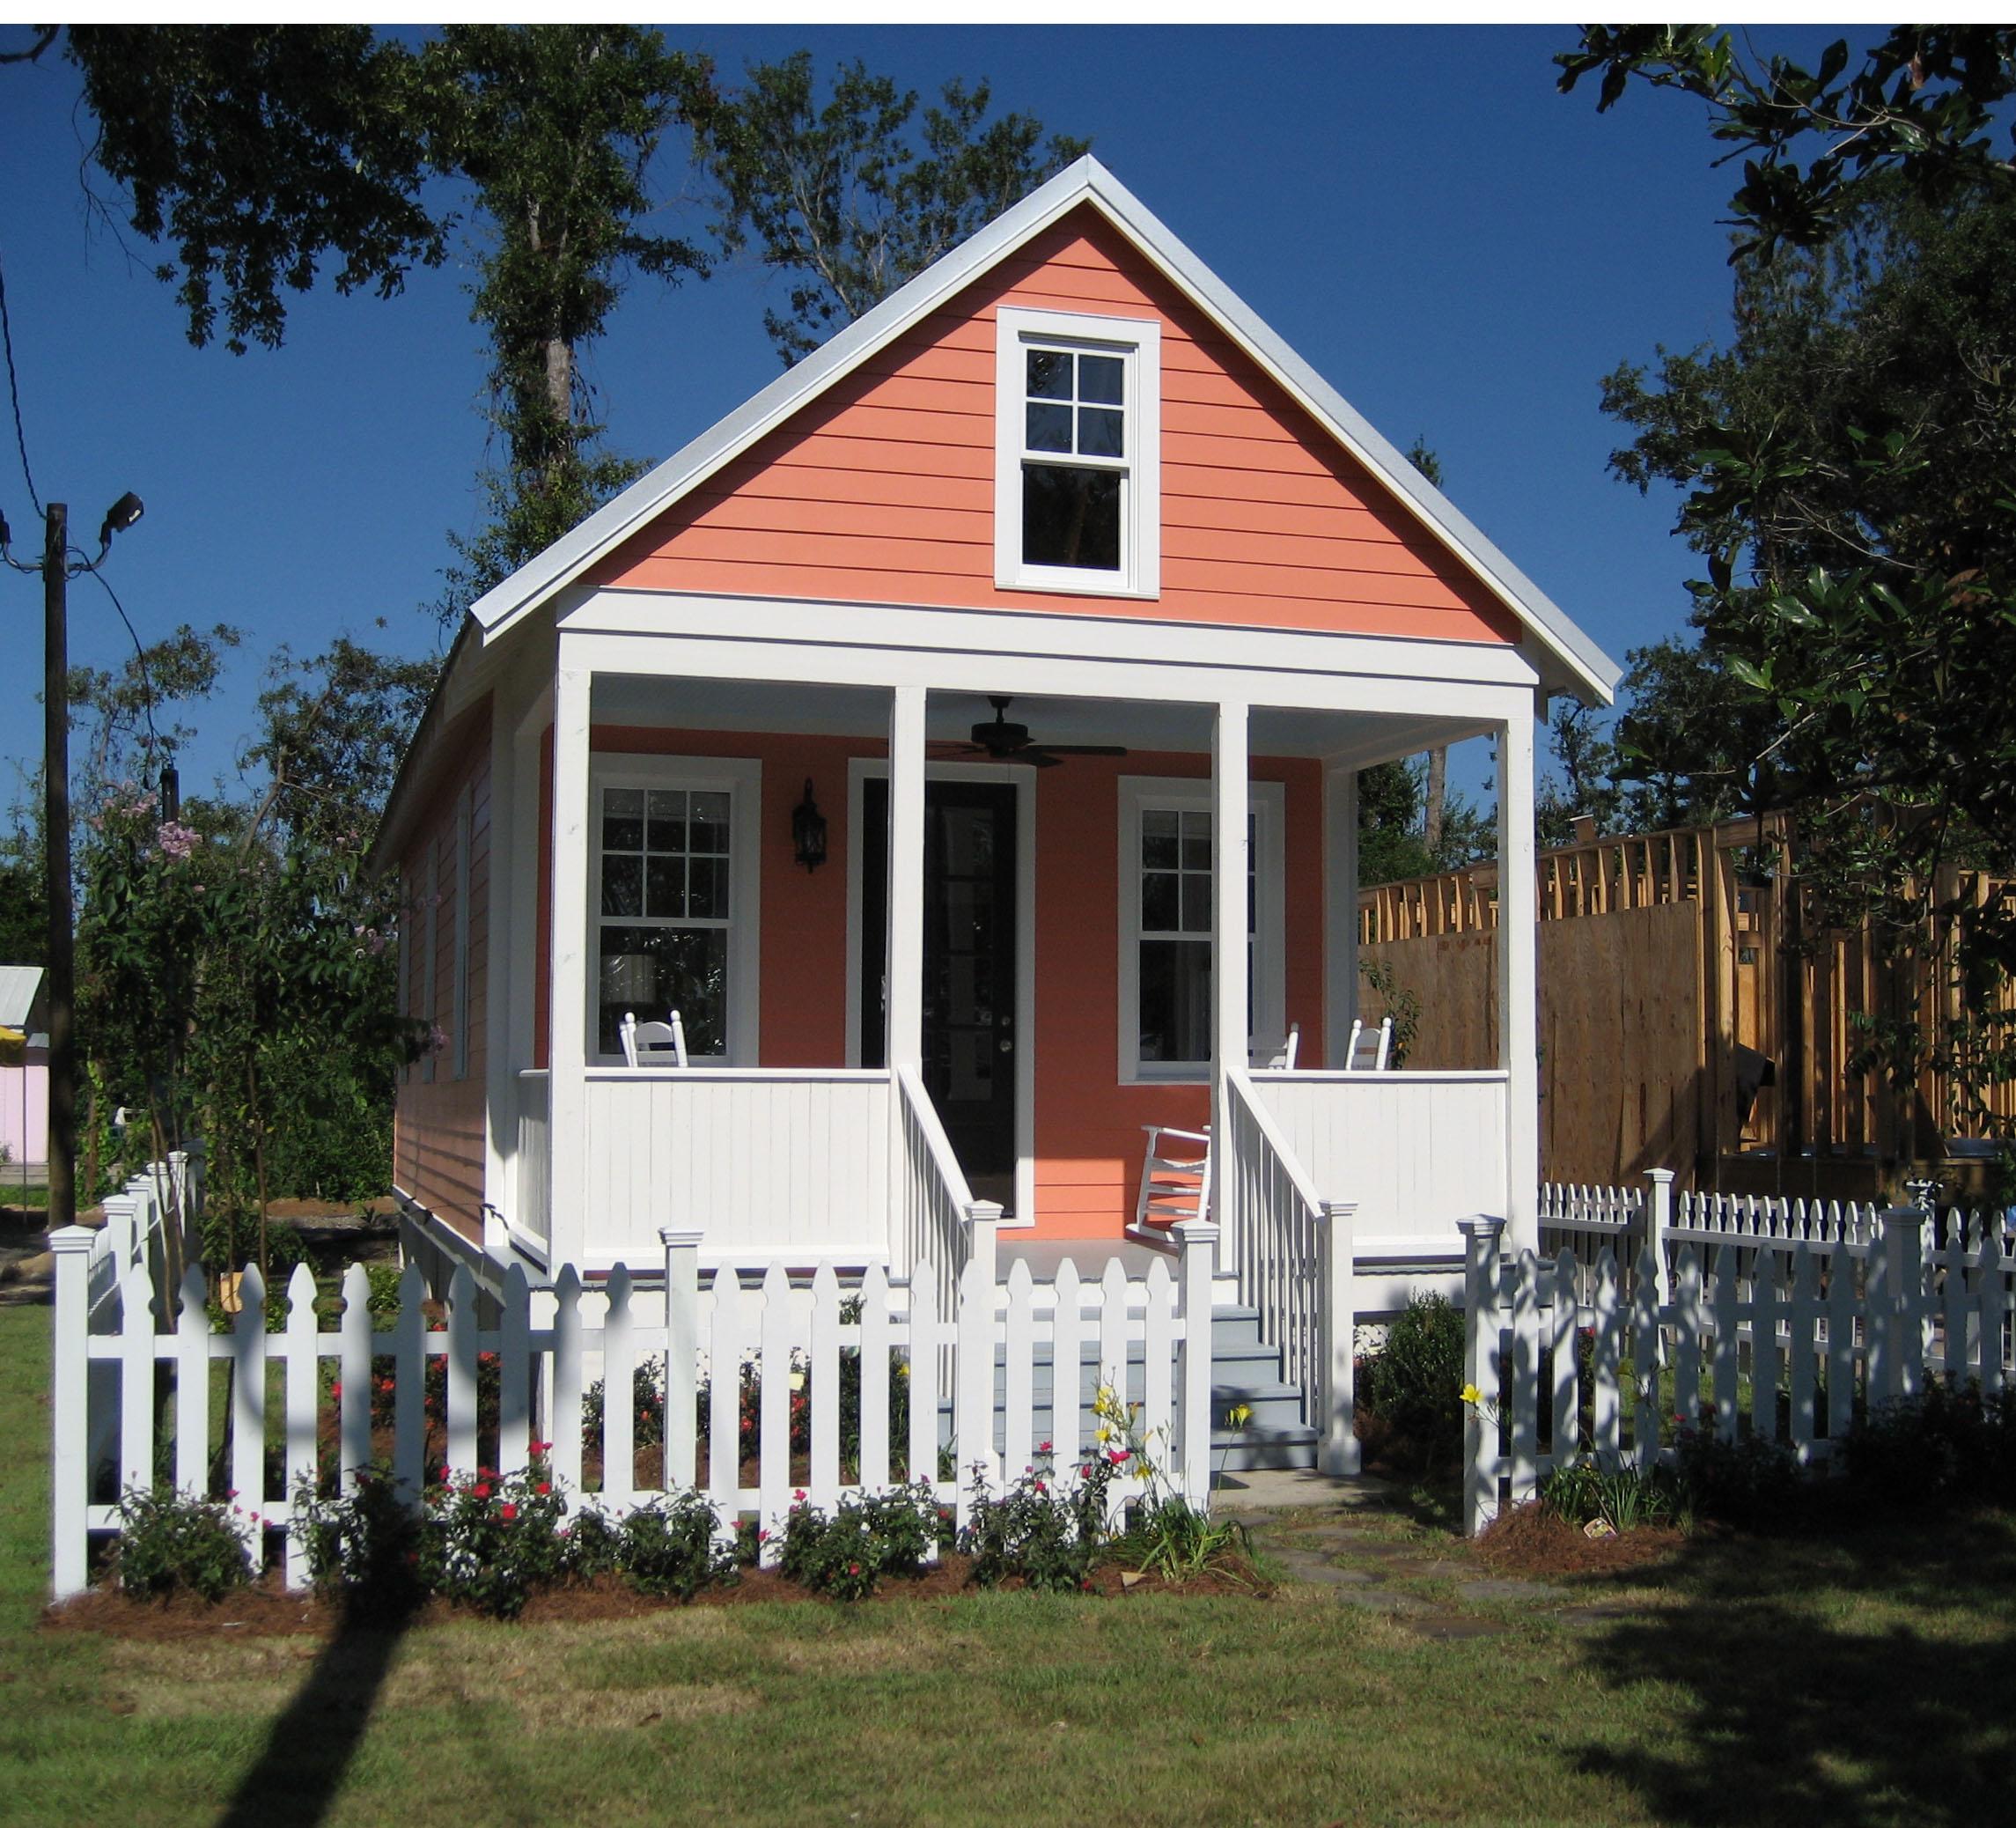 Sensational Lowes House Plans Nice Design 4Moltqa Com Largest Home Design Picture Inspirations Pitcheantrous